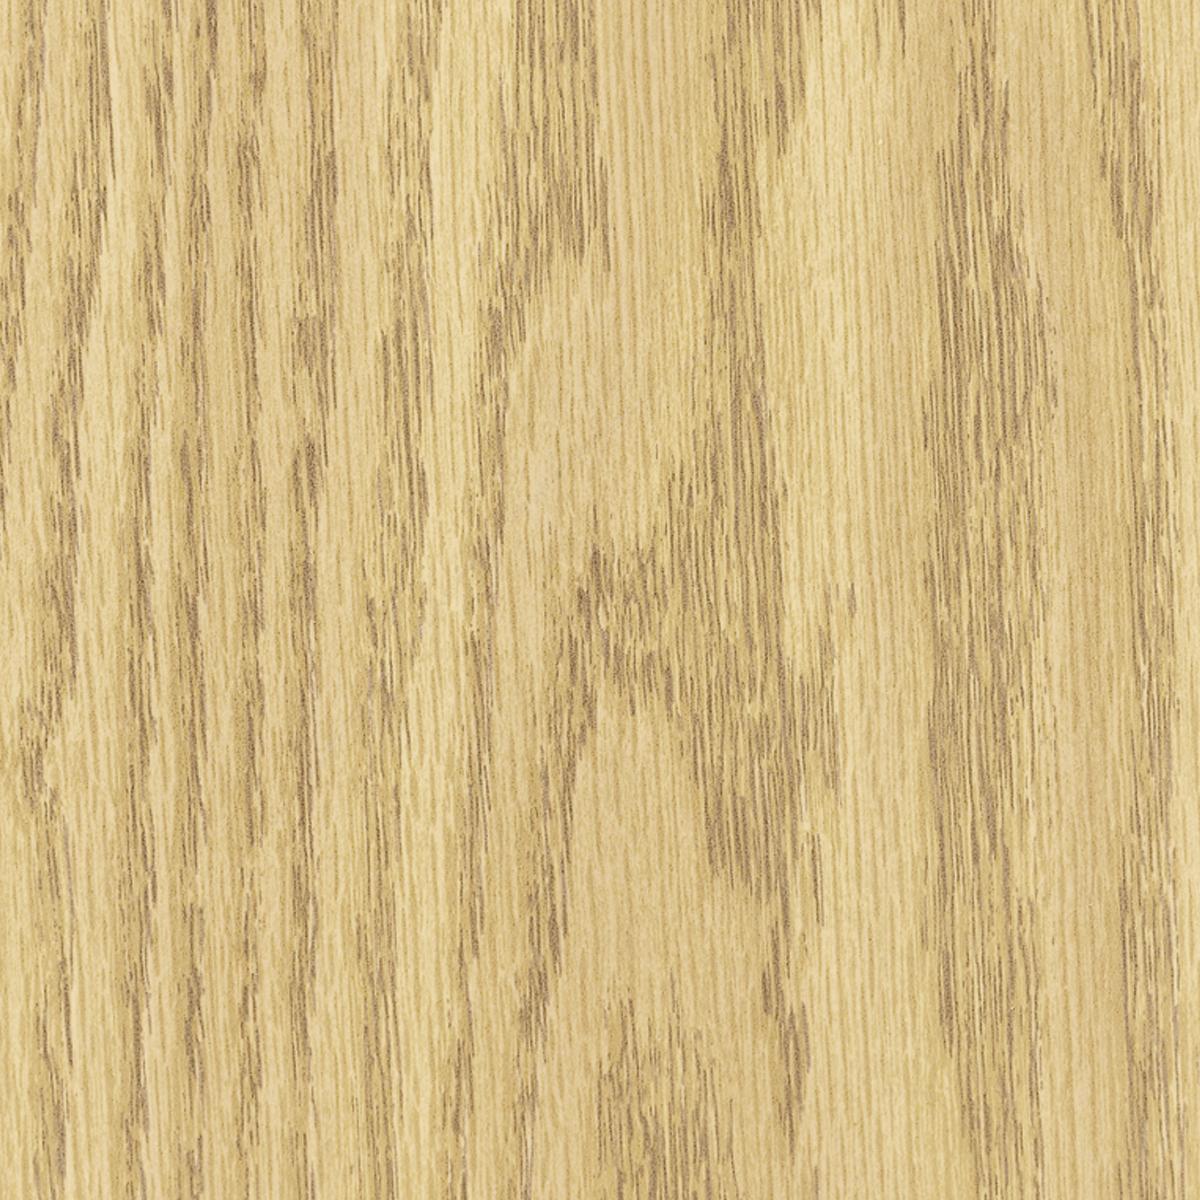 346 Natural Oak Laminate Countertops